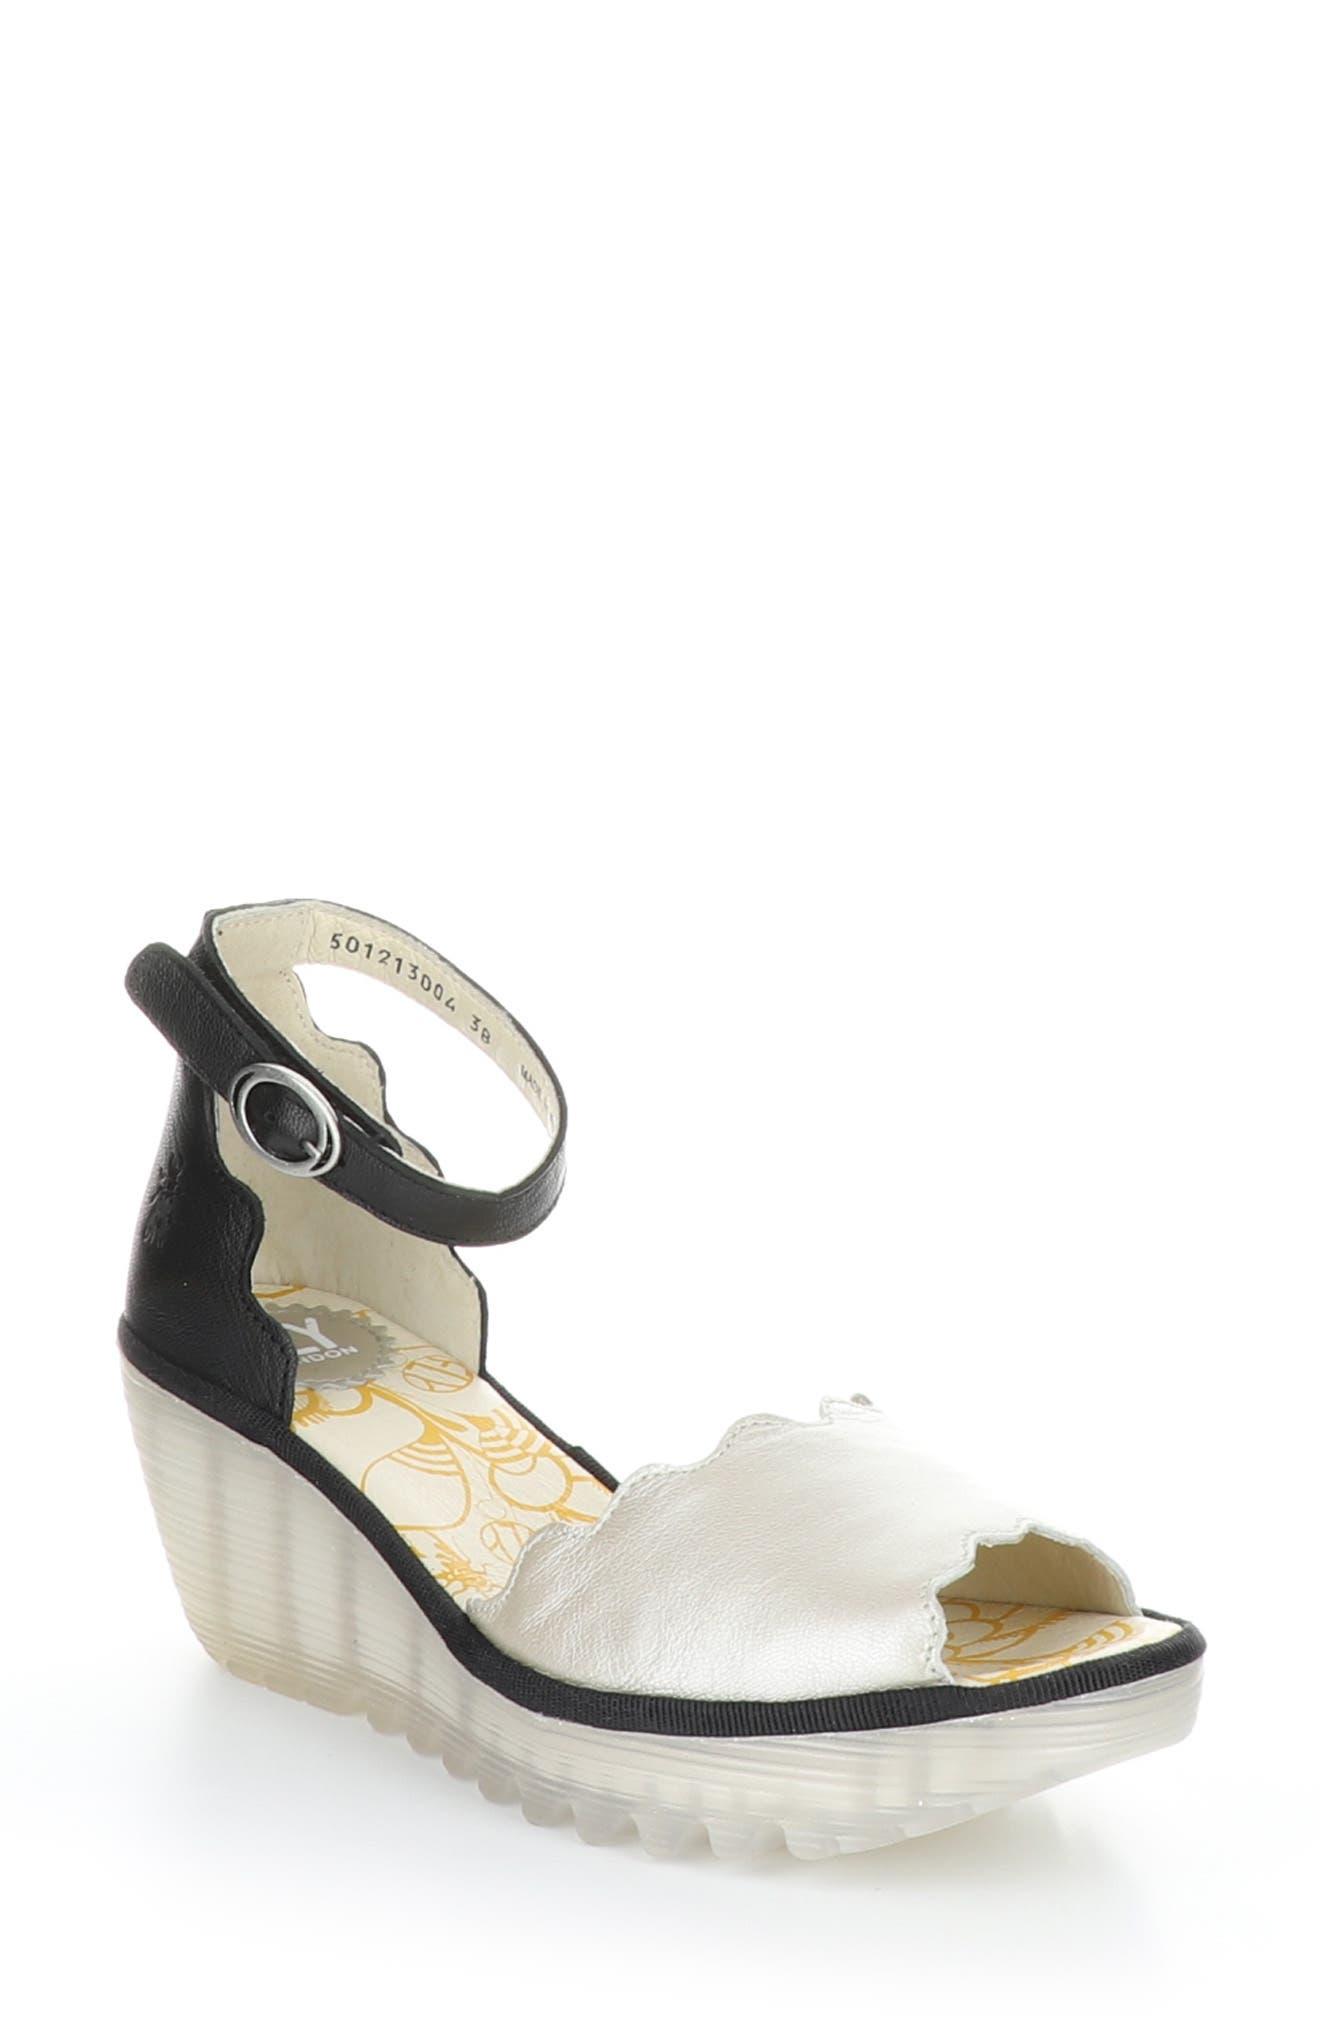 Yece Wedge Sandal